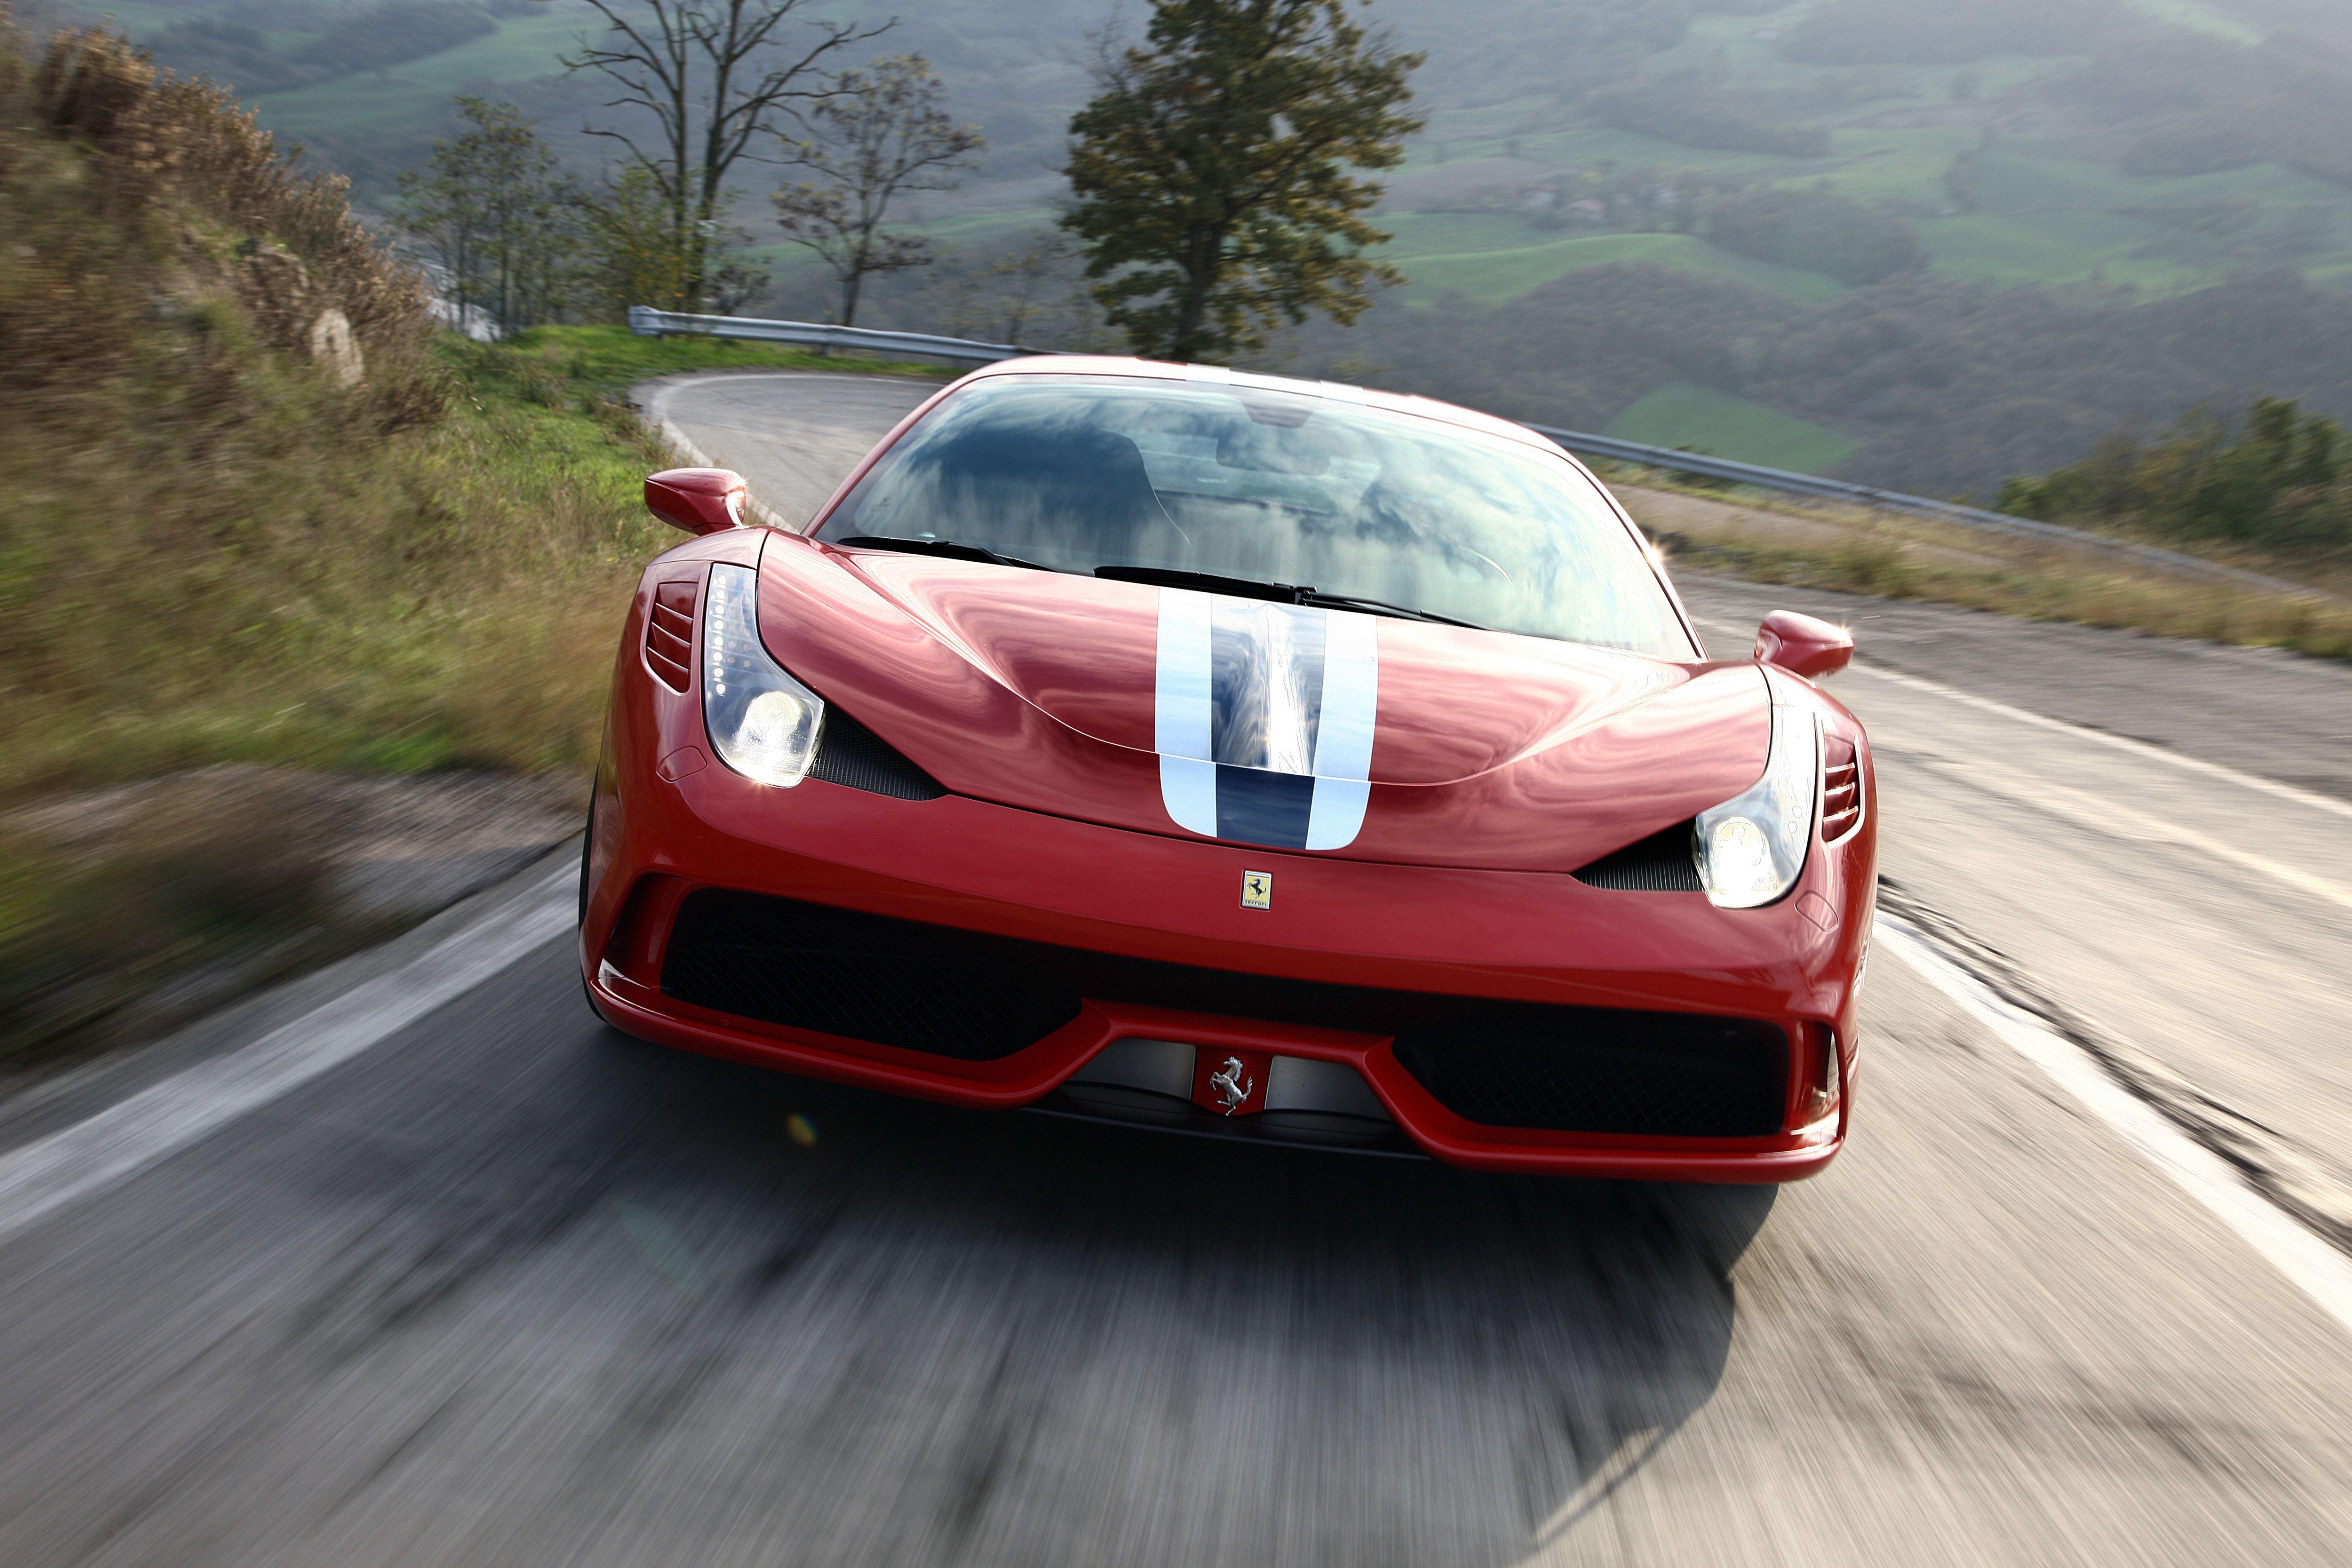 Ferrari 485 Speciale Spider